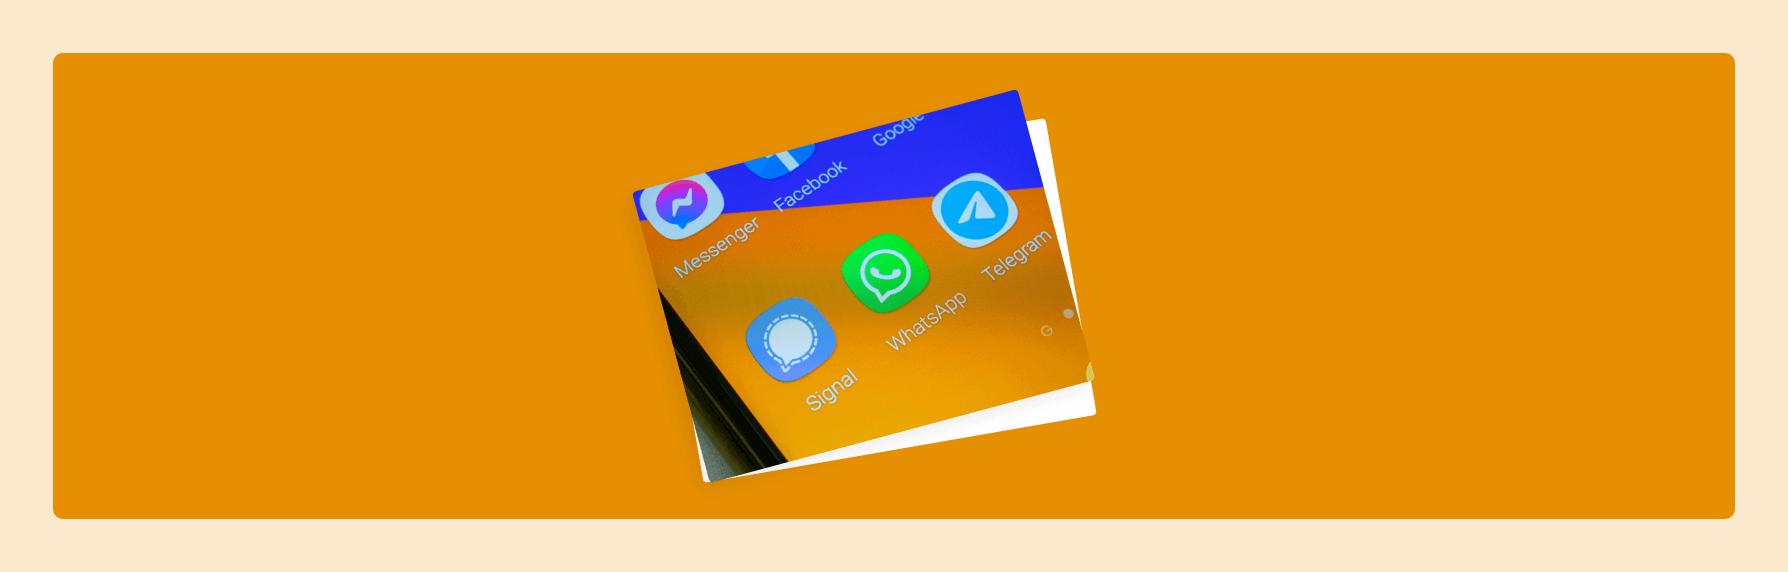 Das sind die sicheren Alternativen zu WhatsApp